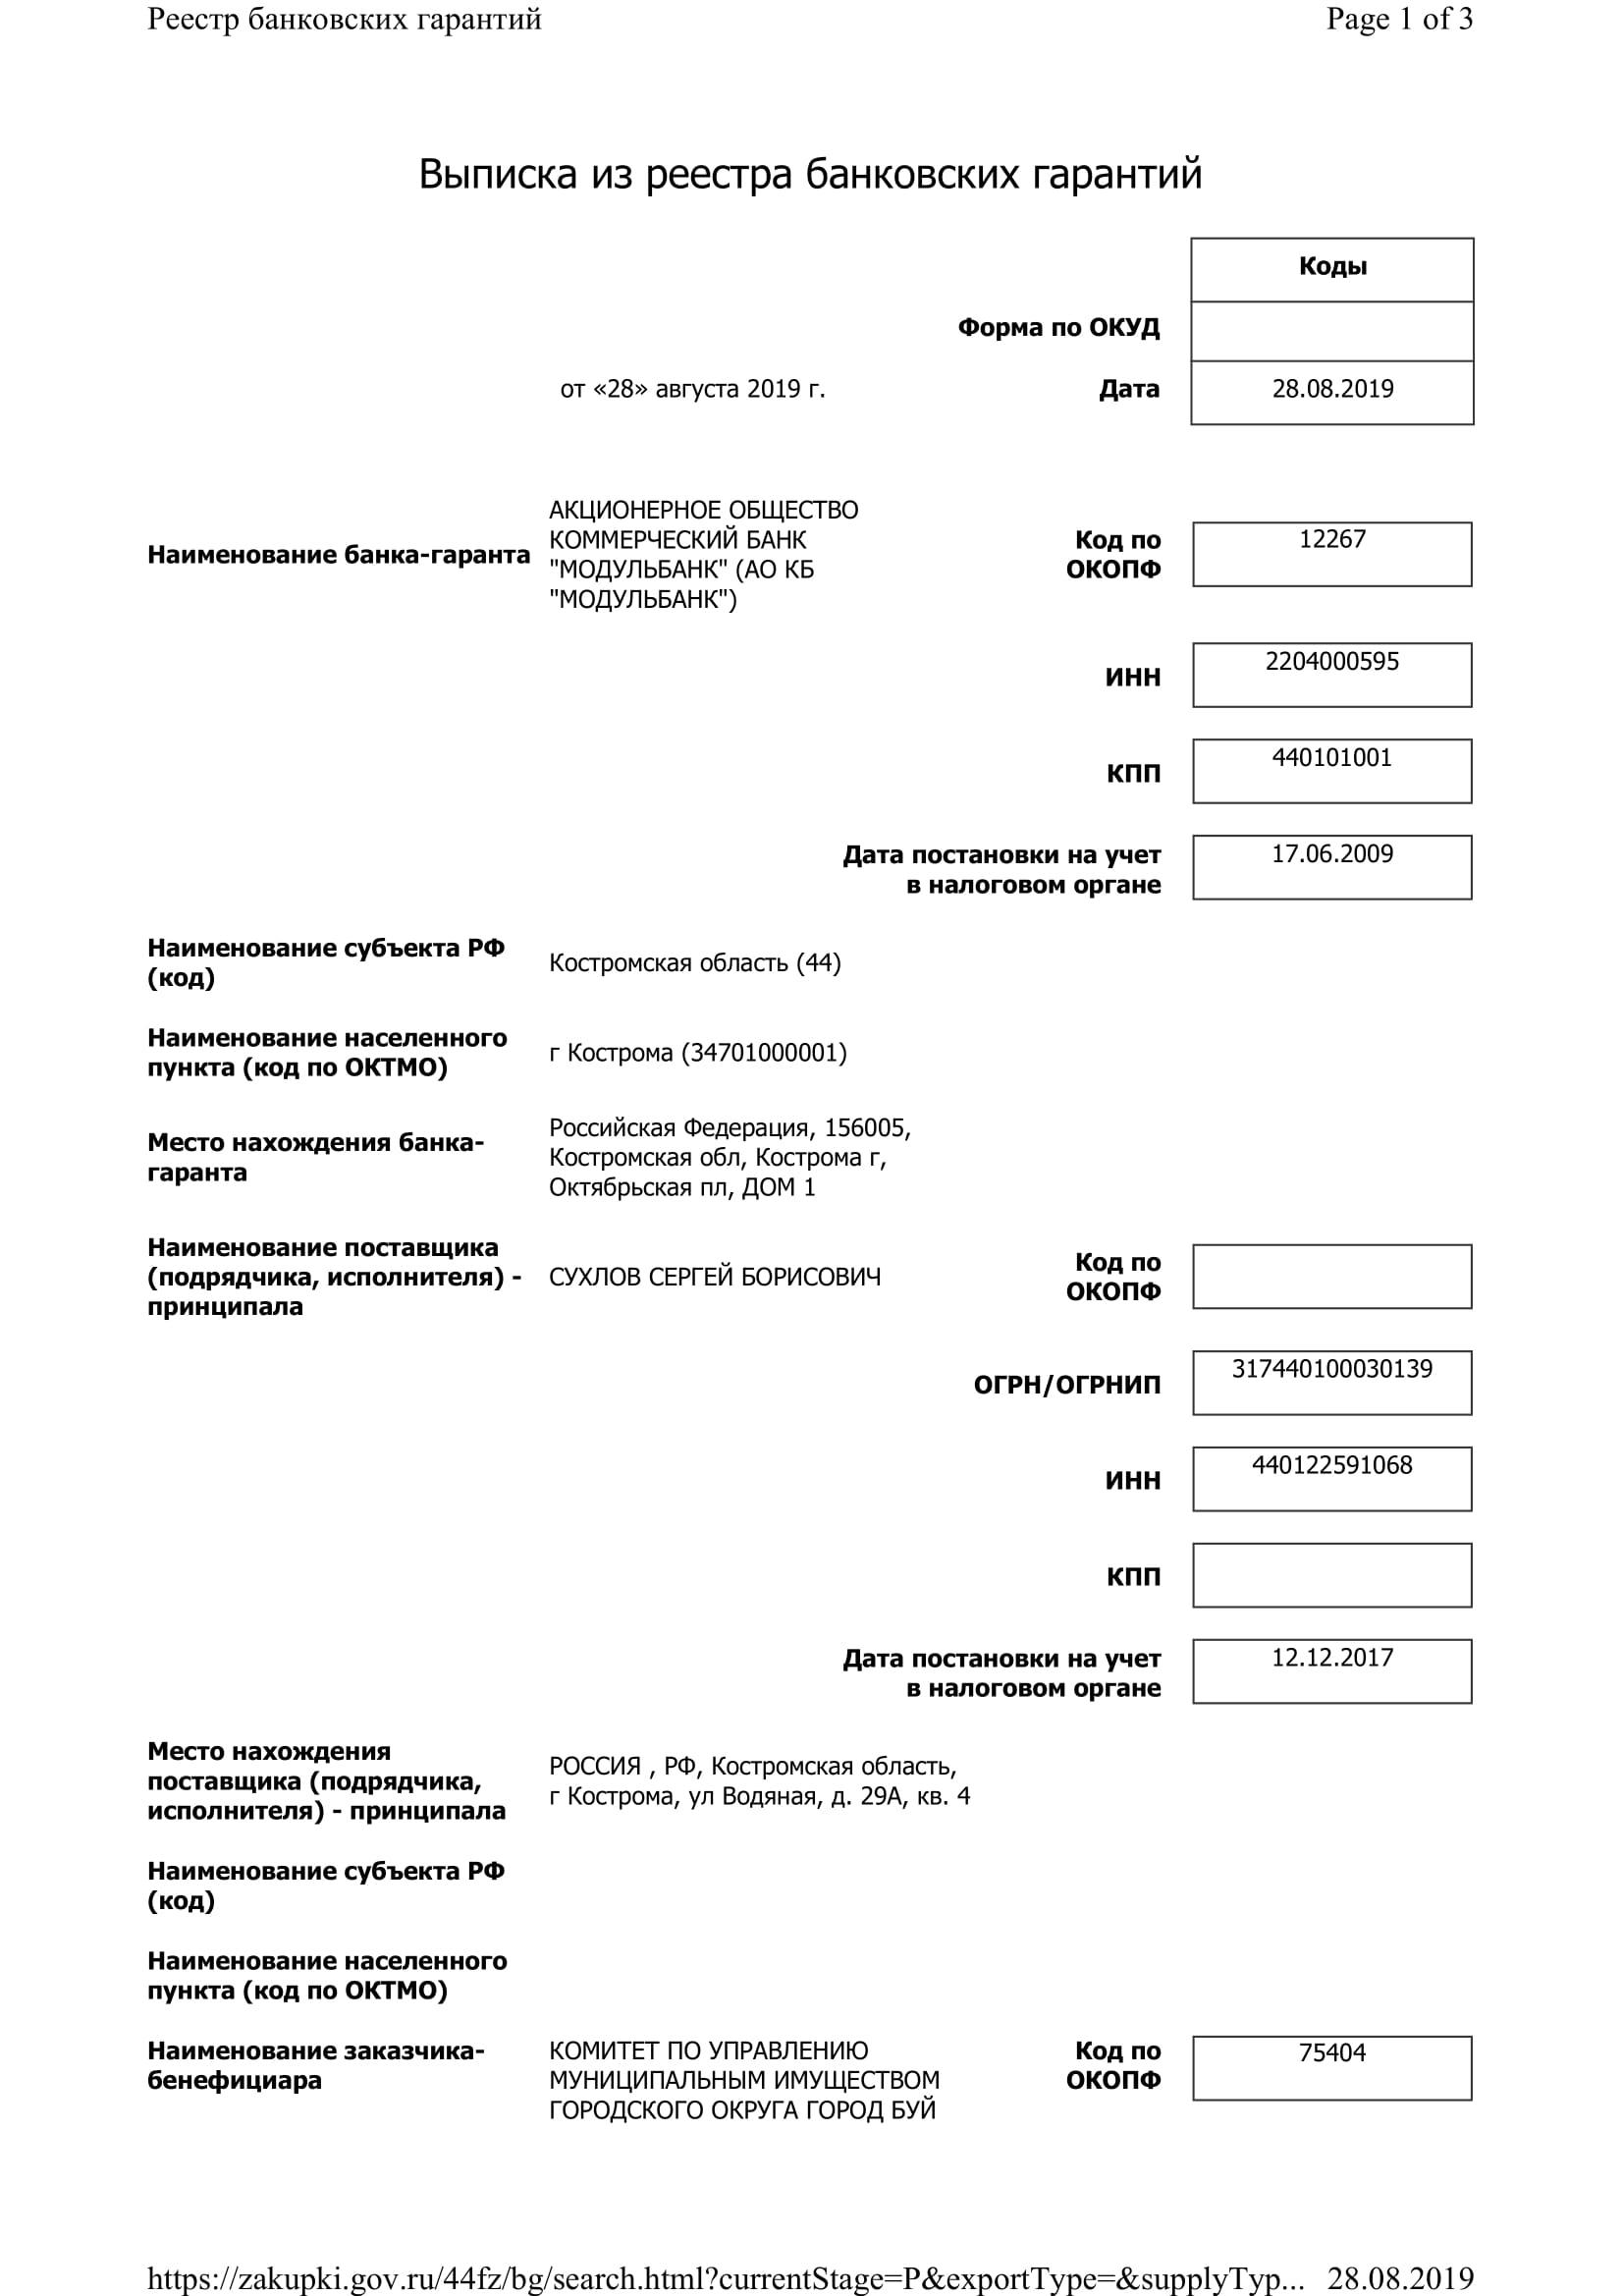 Выписка-из-реестра-банковских-гарантий12-1